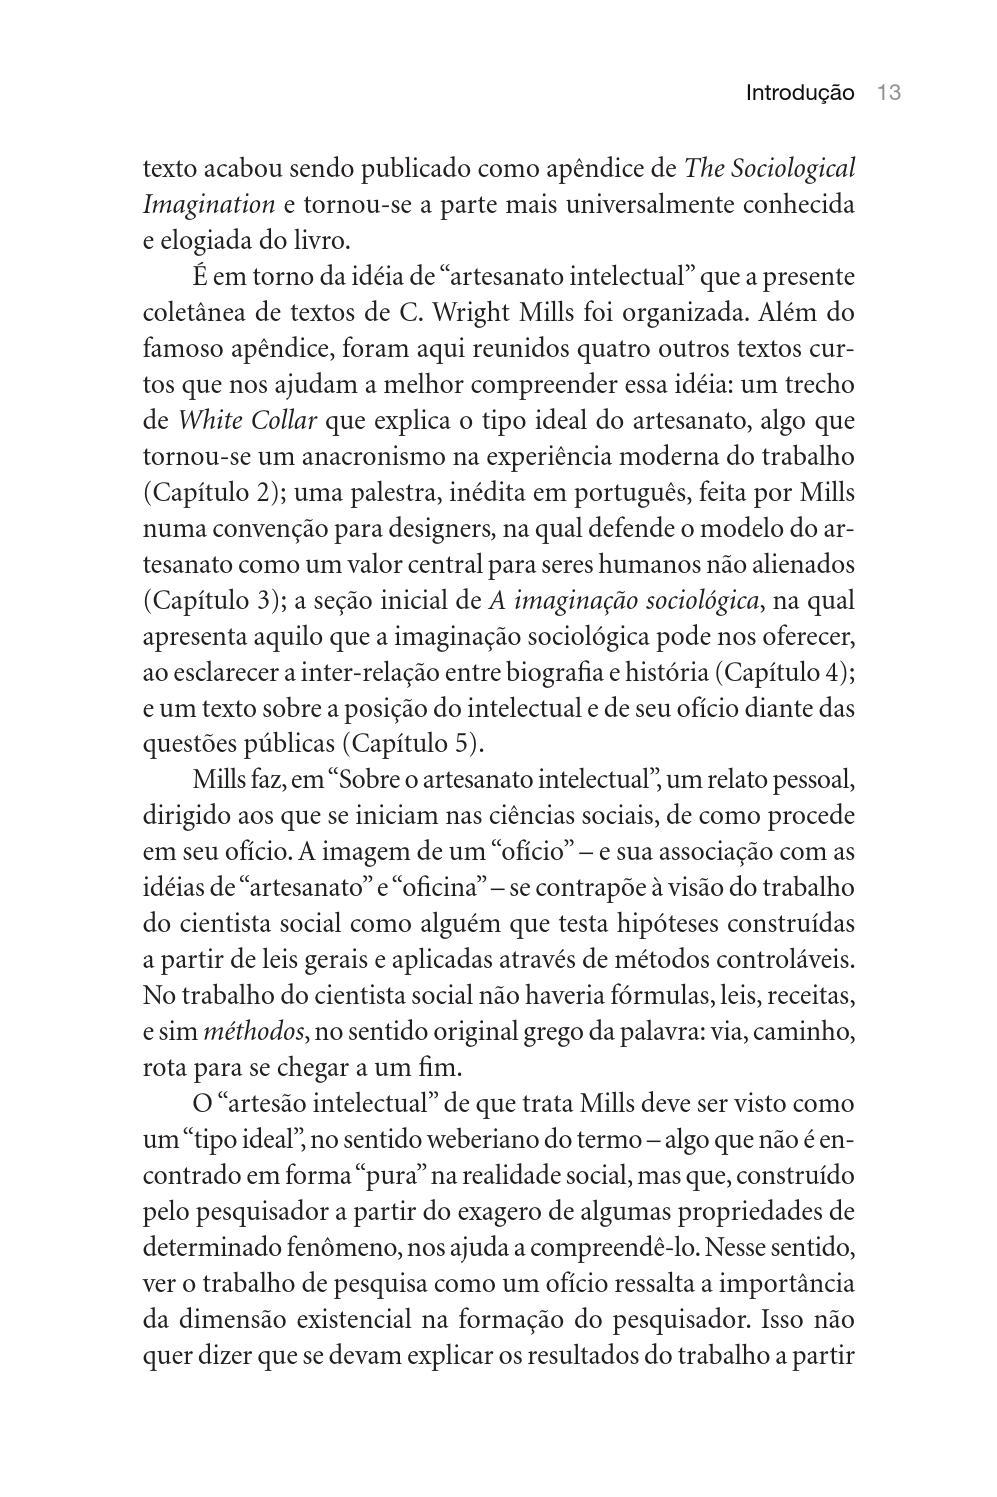 SOBRE O ARTESANATO INTELECTUAL E OUTROS ENSAIOS C. WRIGHT